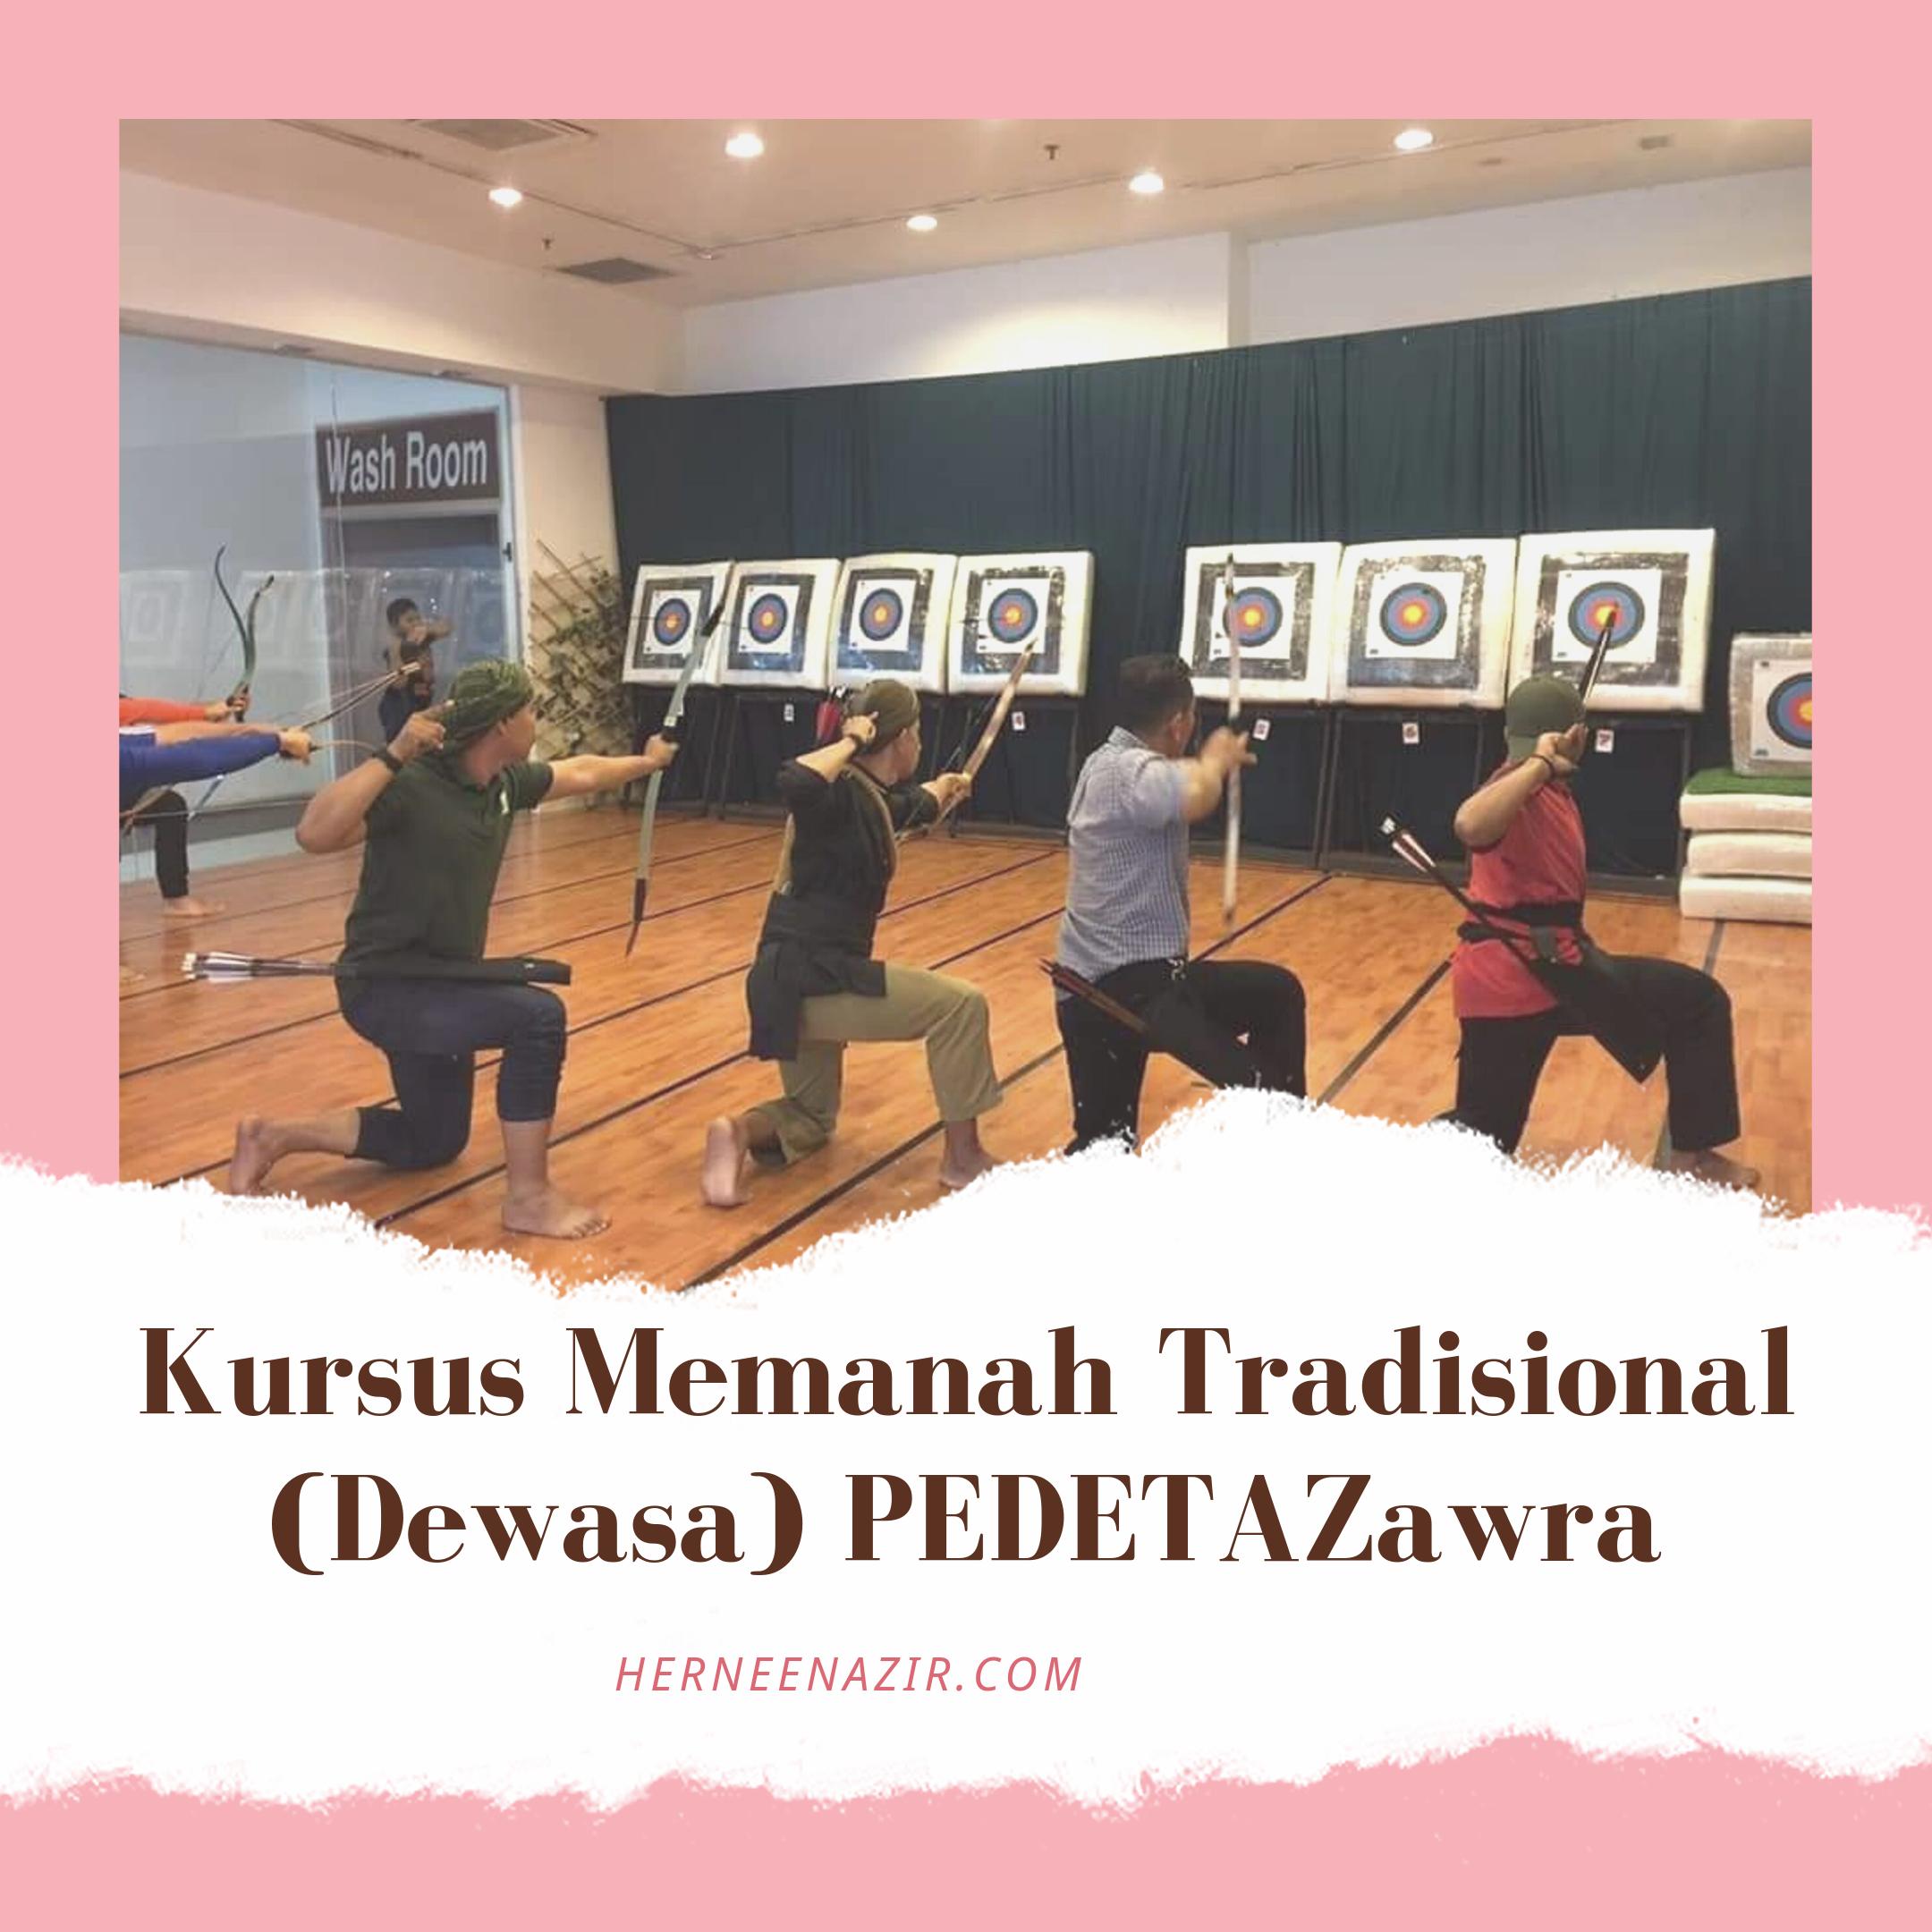 Kursus Memanah Tradisional (Dewasa) PEDETAZawra – 29 September 2019